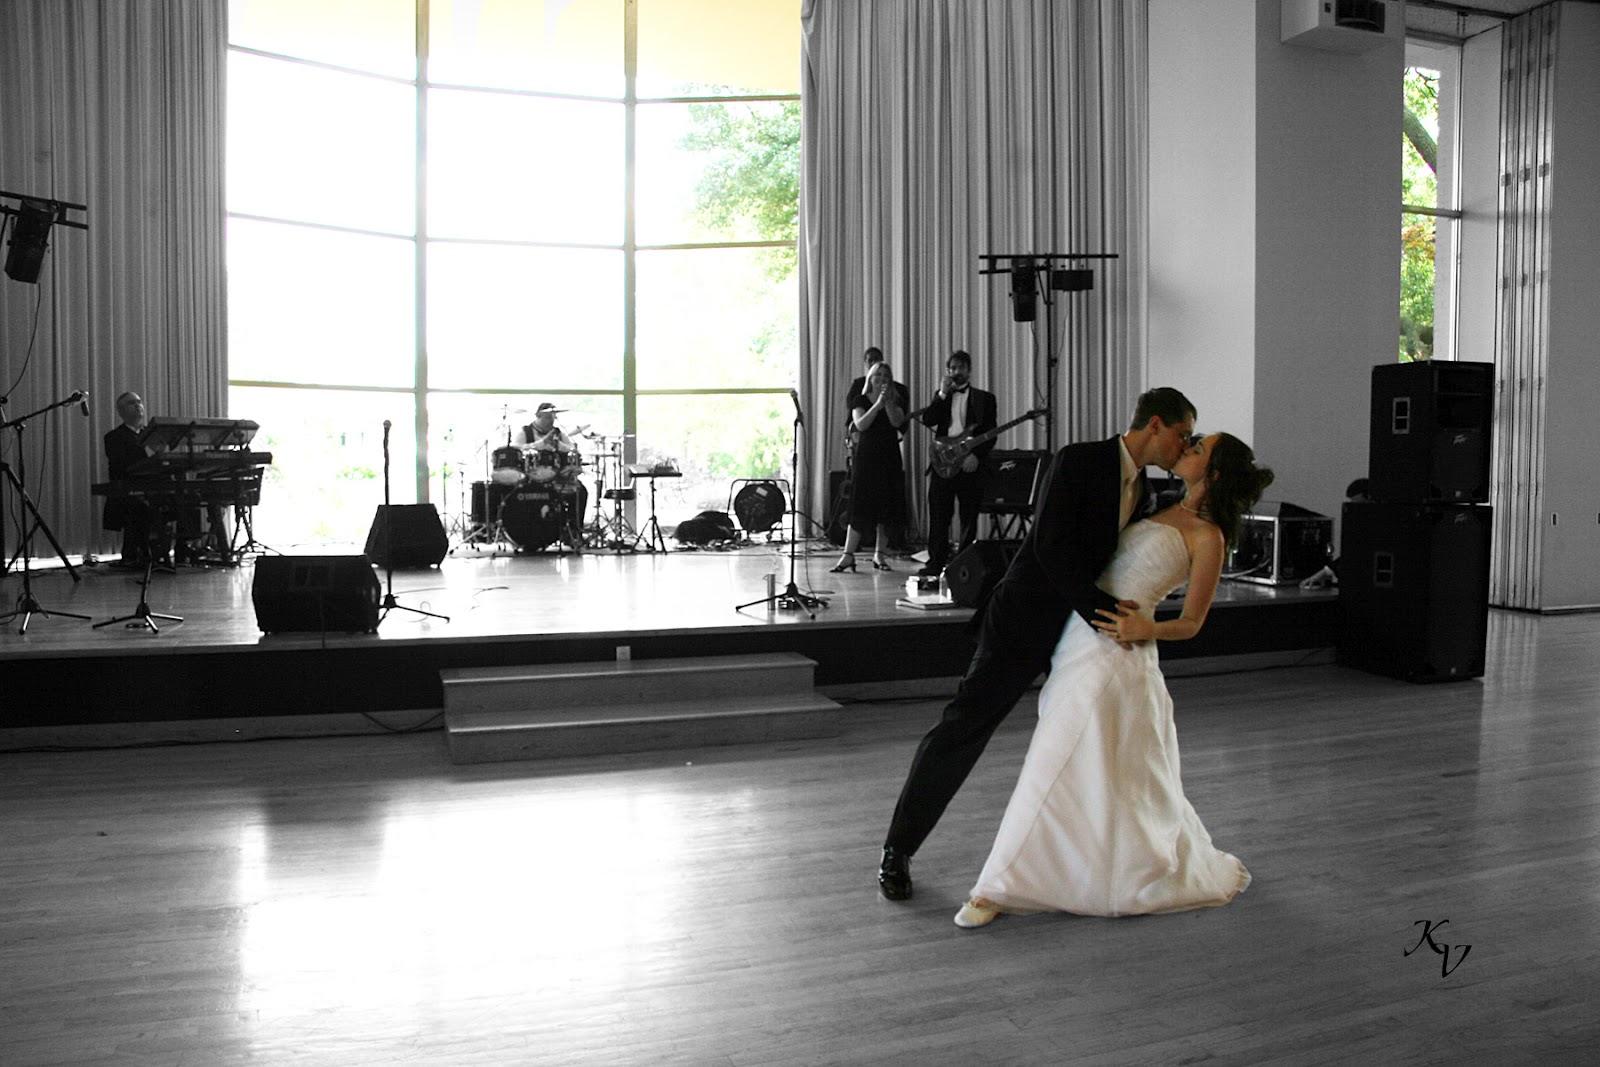 http://4.bp.blogspot.com/-Rd2KIPnYfEY/UEtjyc-6NeI/AAAAAAAAAFI/pl3THiEr_4o/s1600/cute_romantic_couples_in_love_wallpapers%20(77).jpg